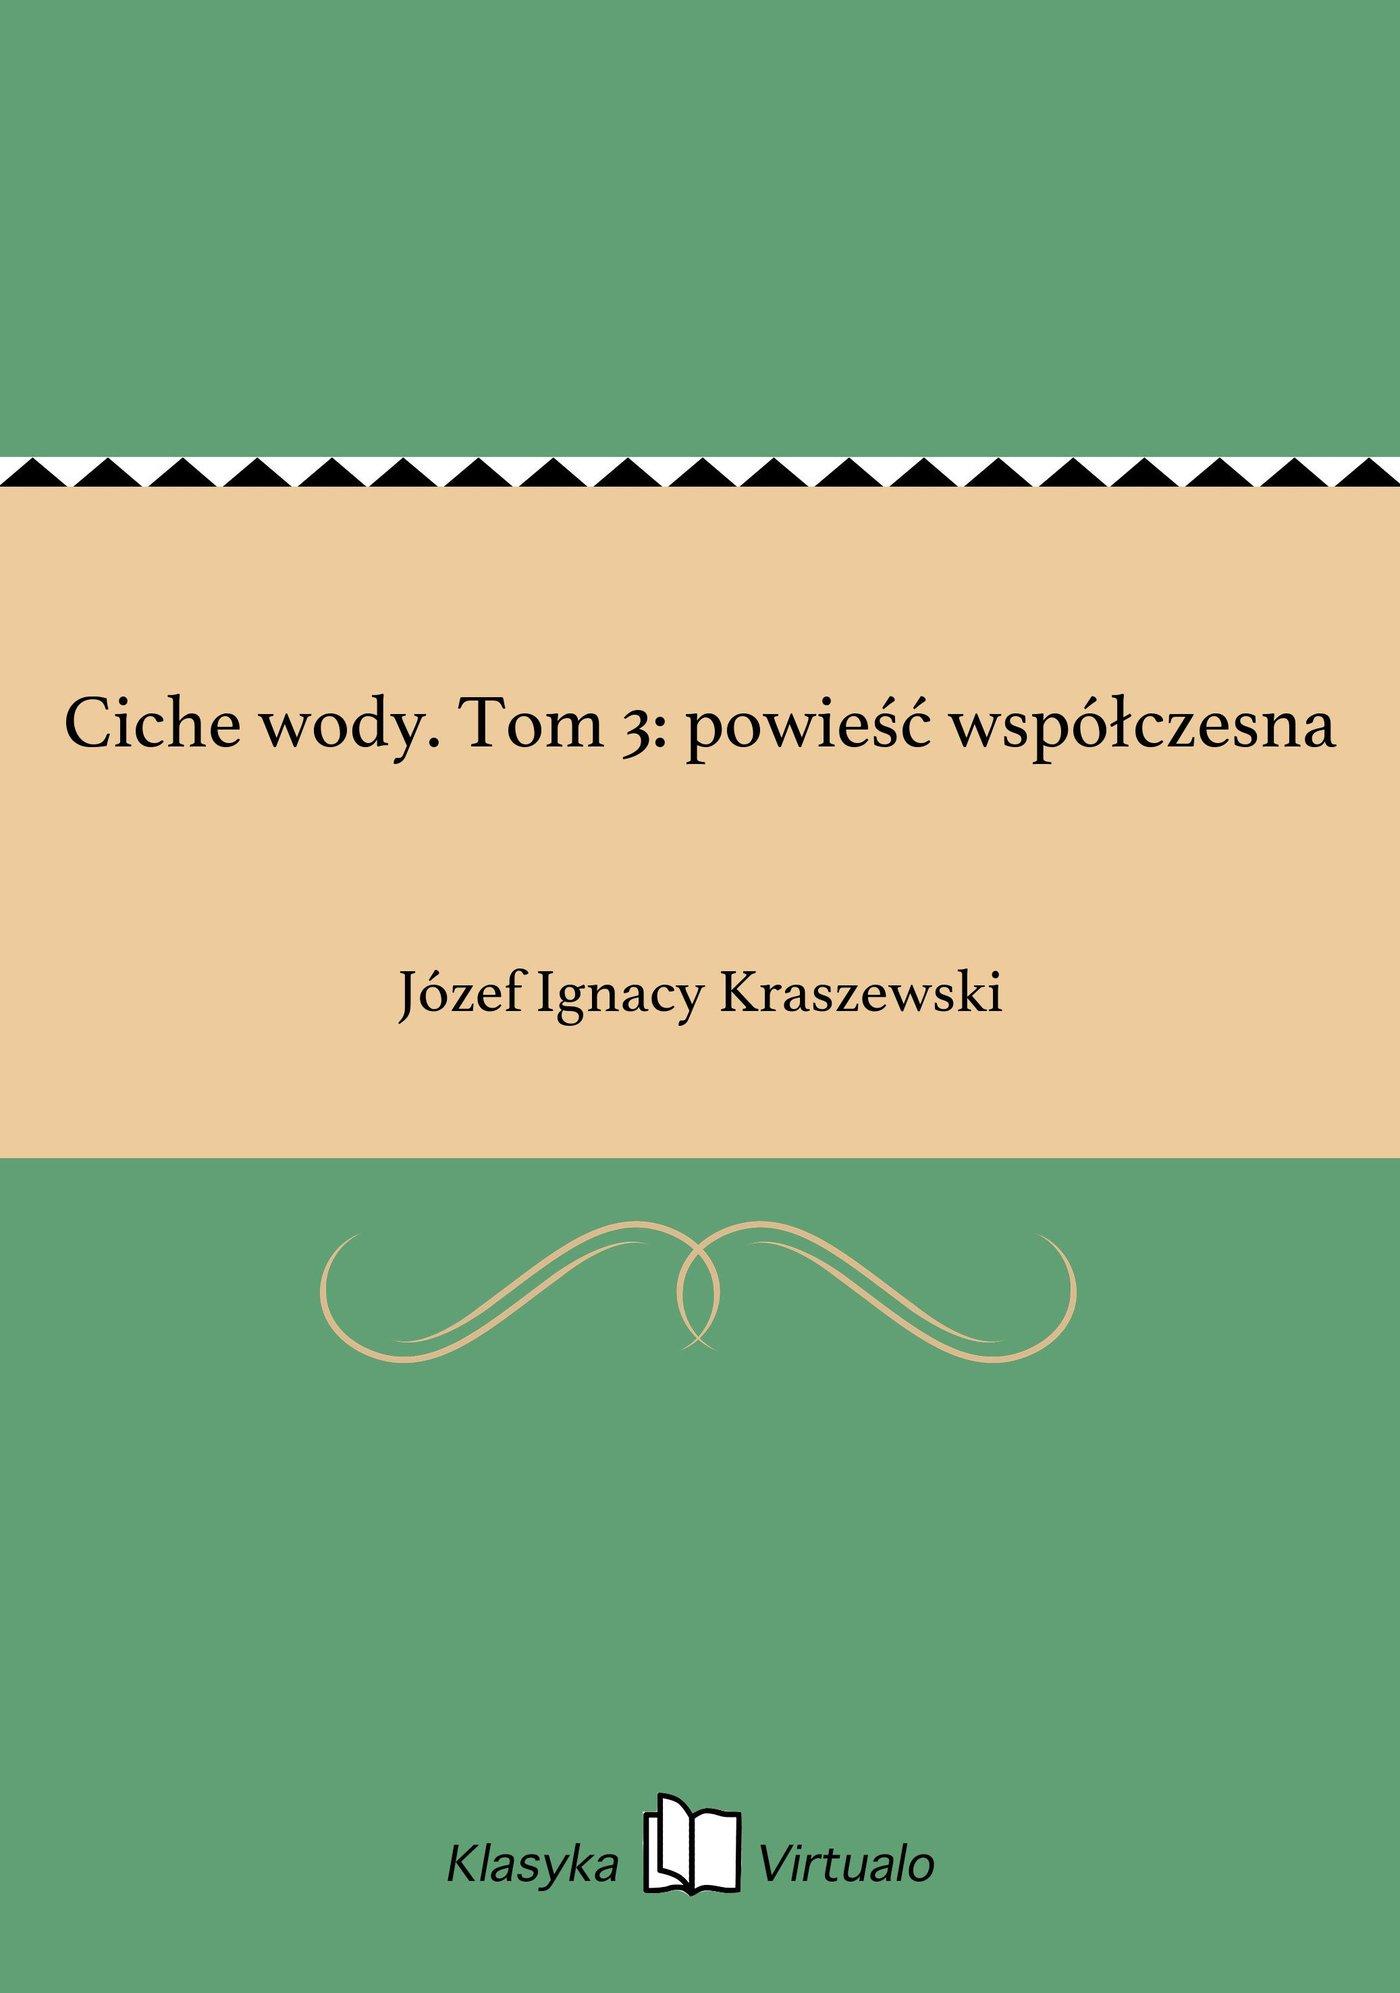 Ciche wody. Tom 3: powieść współczesna - Ebook (Książka EPUB) do pobrania w formacie EPUB